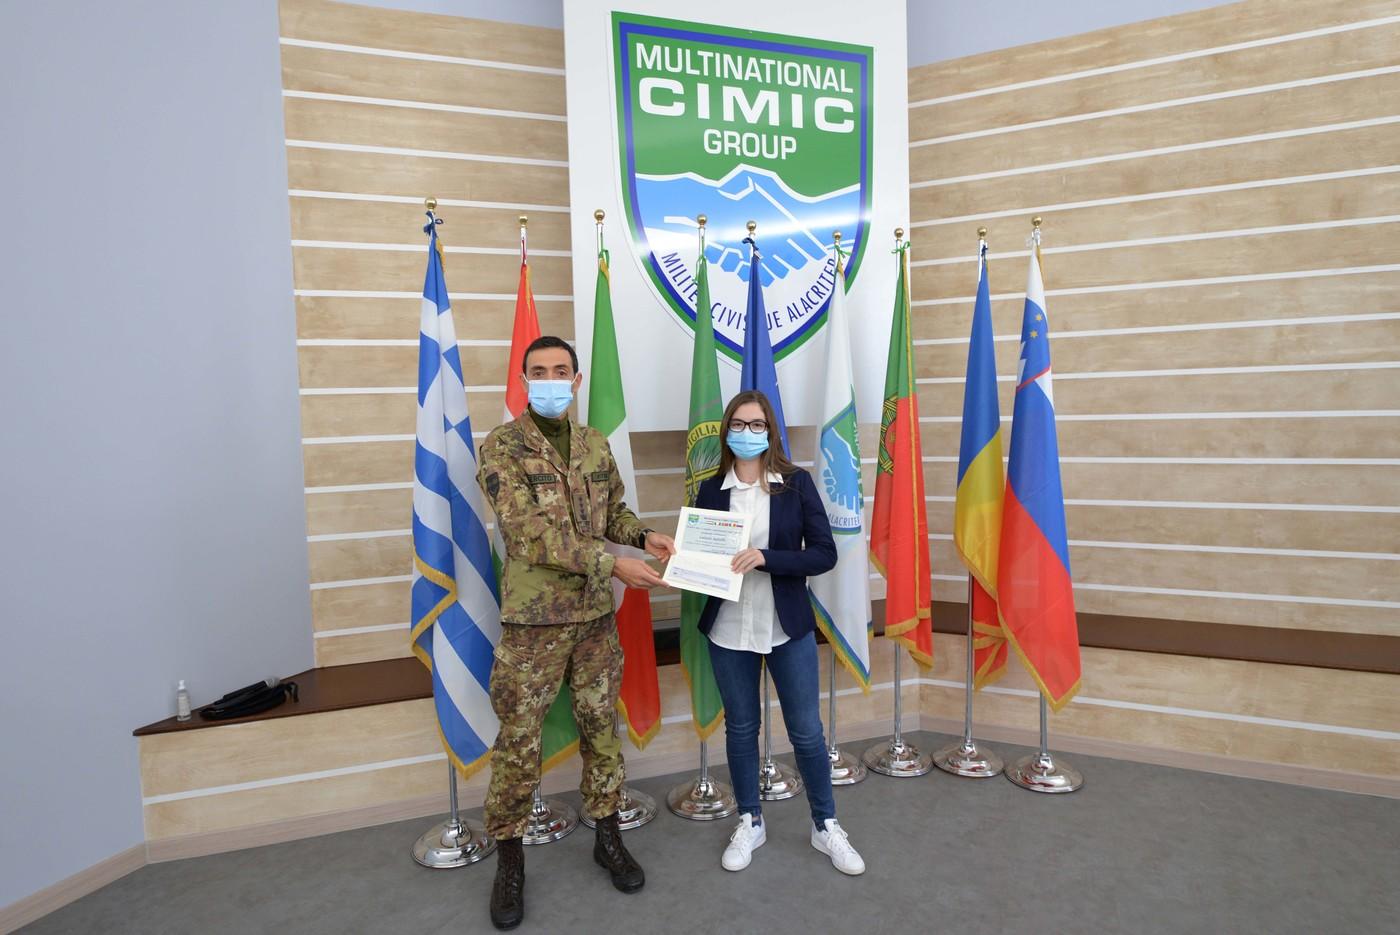 1  premiazione studentessa letizia astolfo